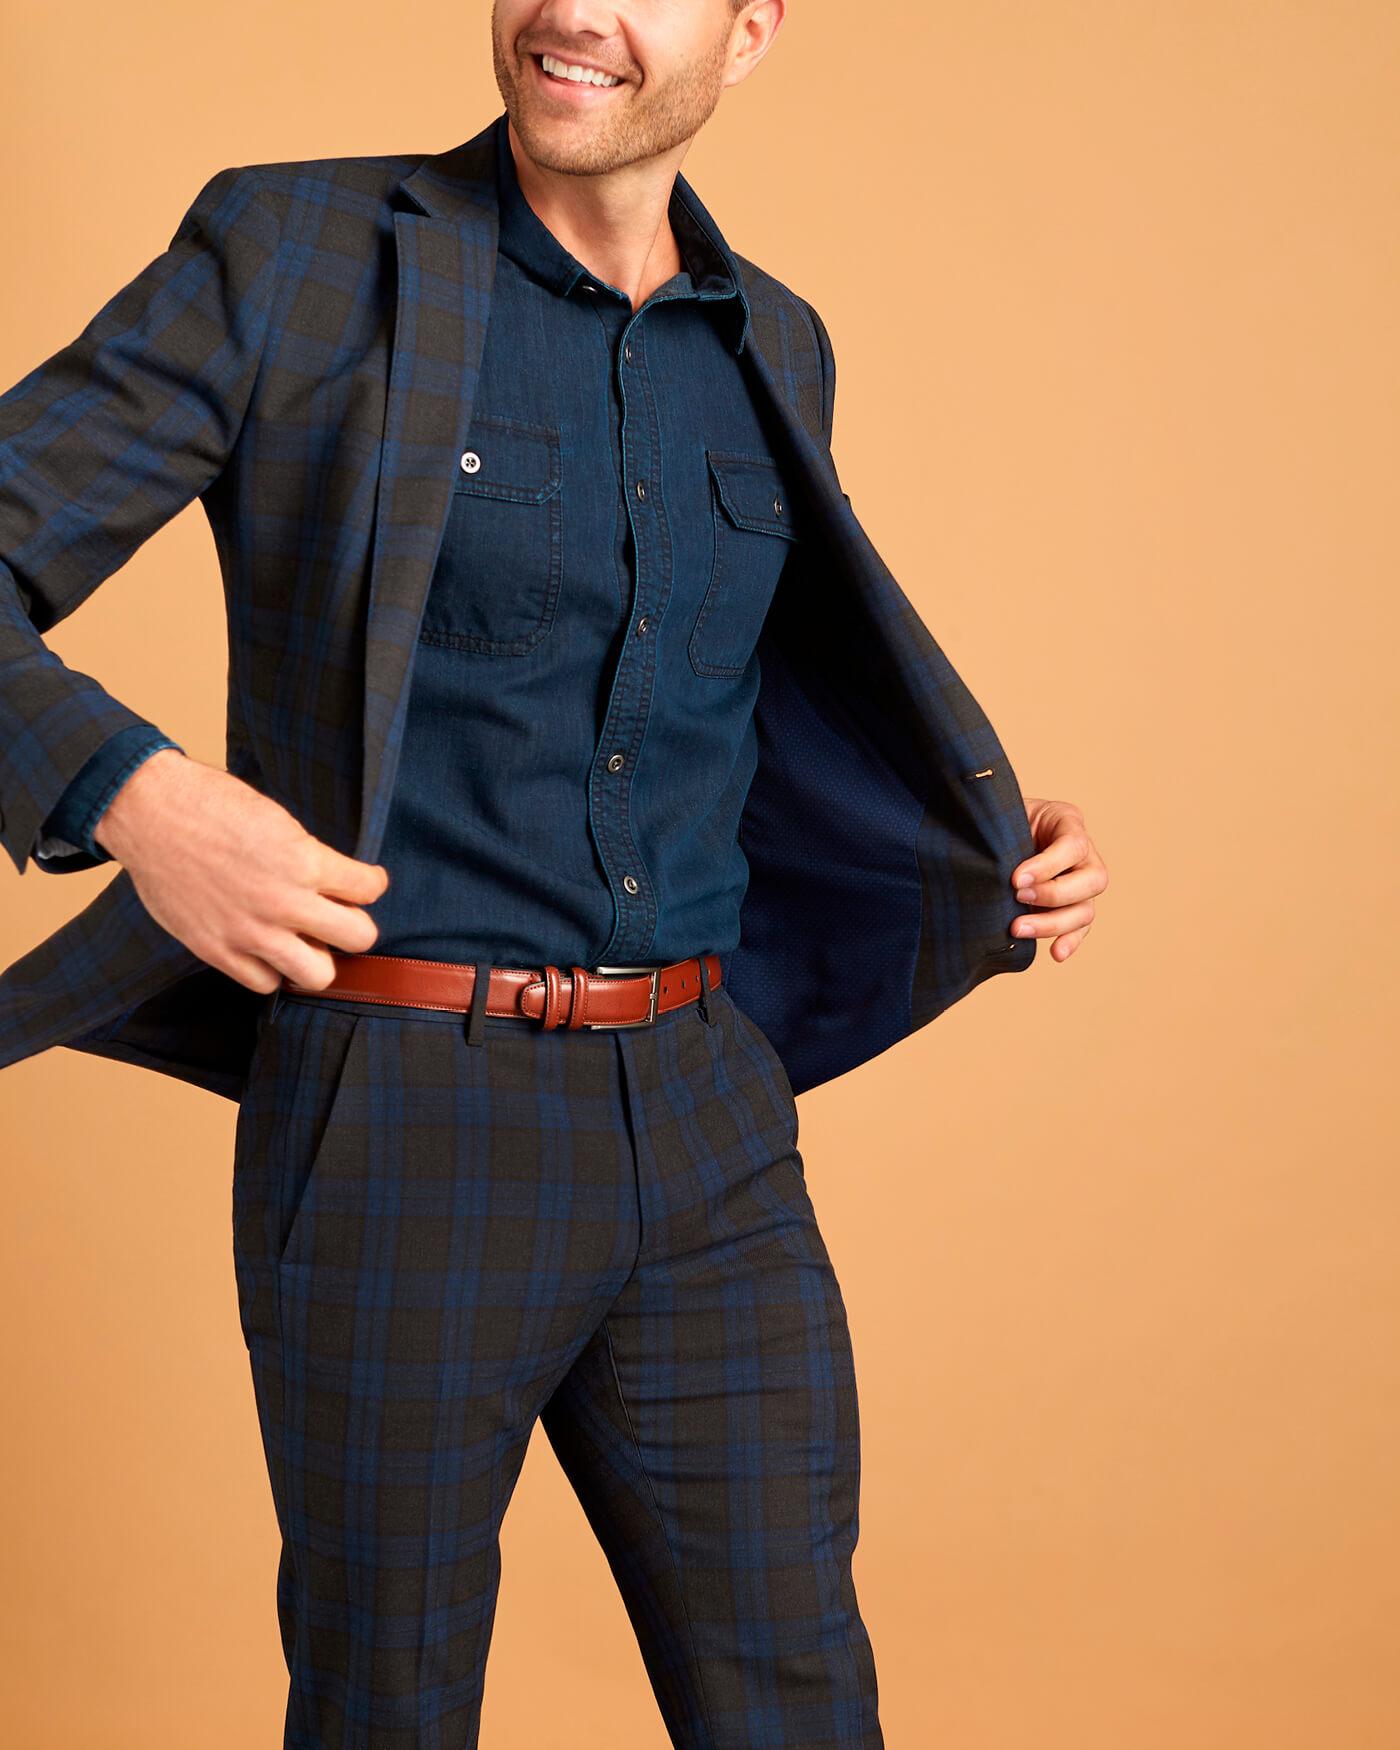 ست لباس مردانه برای استایل شما